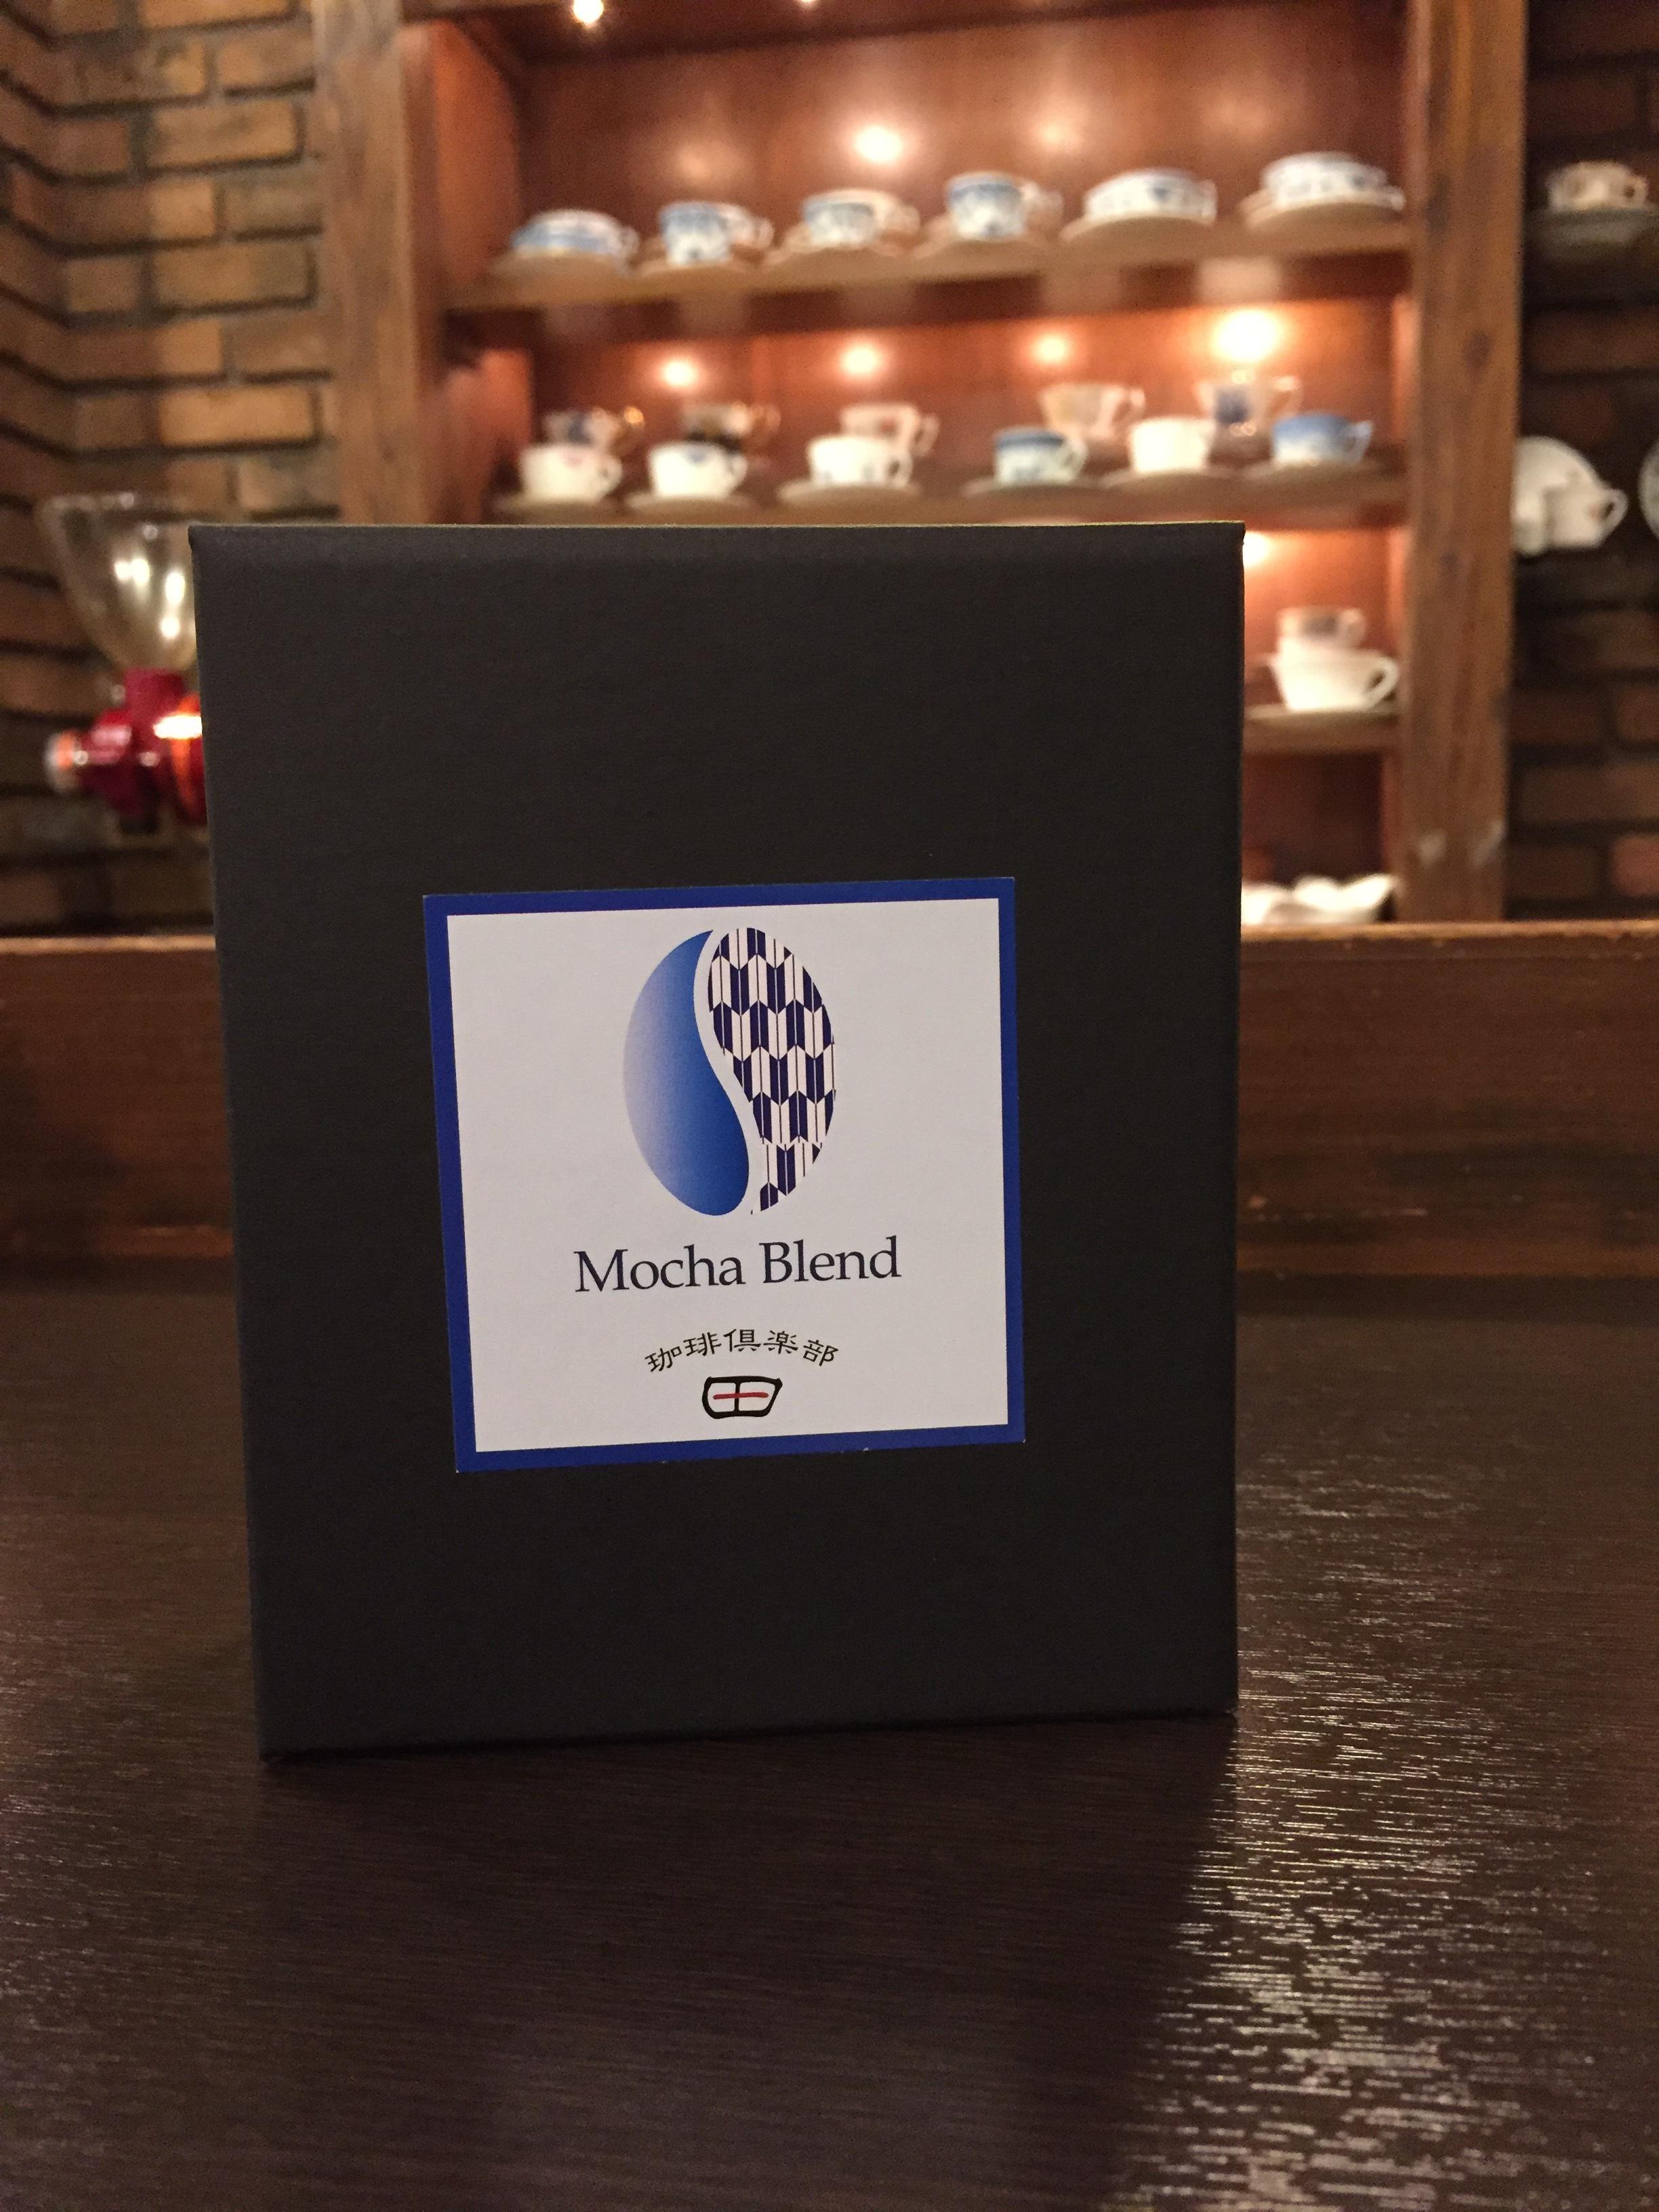 【メール便】まろやかな味わいを求めるならこちら! ドリップ珈琲 モカブレンド 箱バラシ